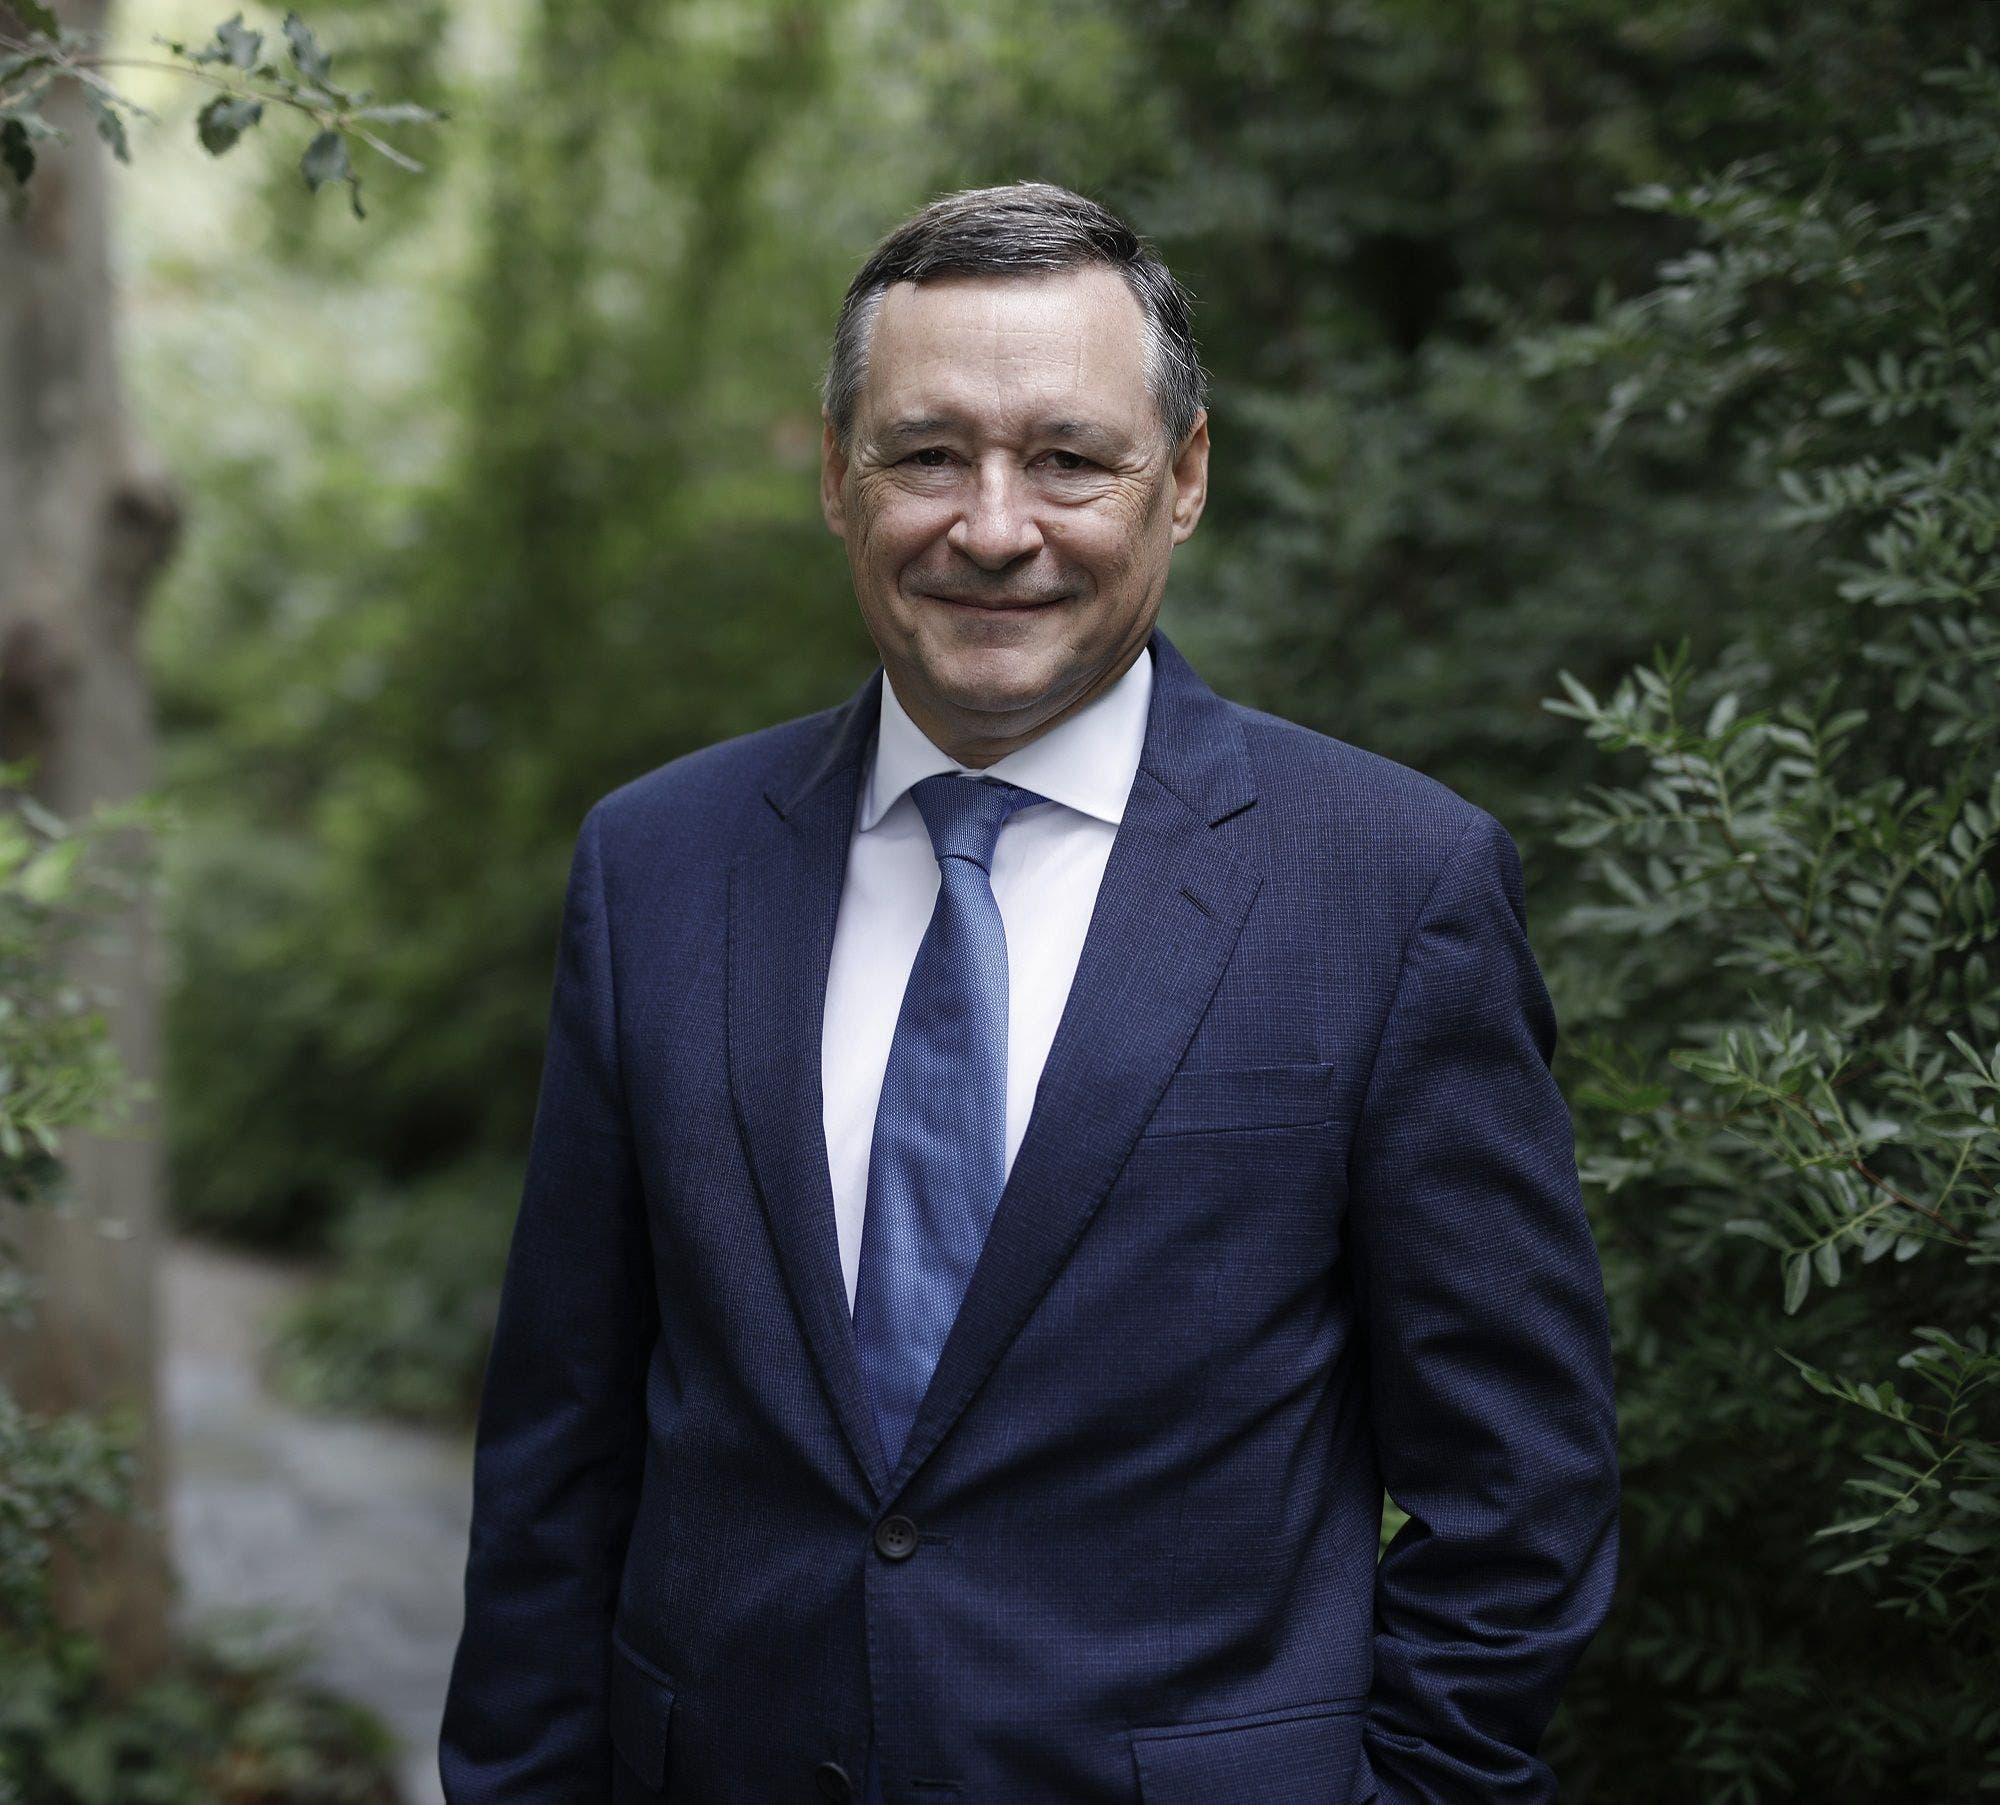 Cruz Roja distingue a Ángel Simón, presidente de Agbar, por su labor durante la pandemia